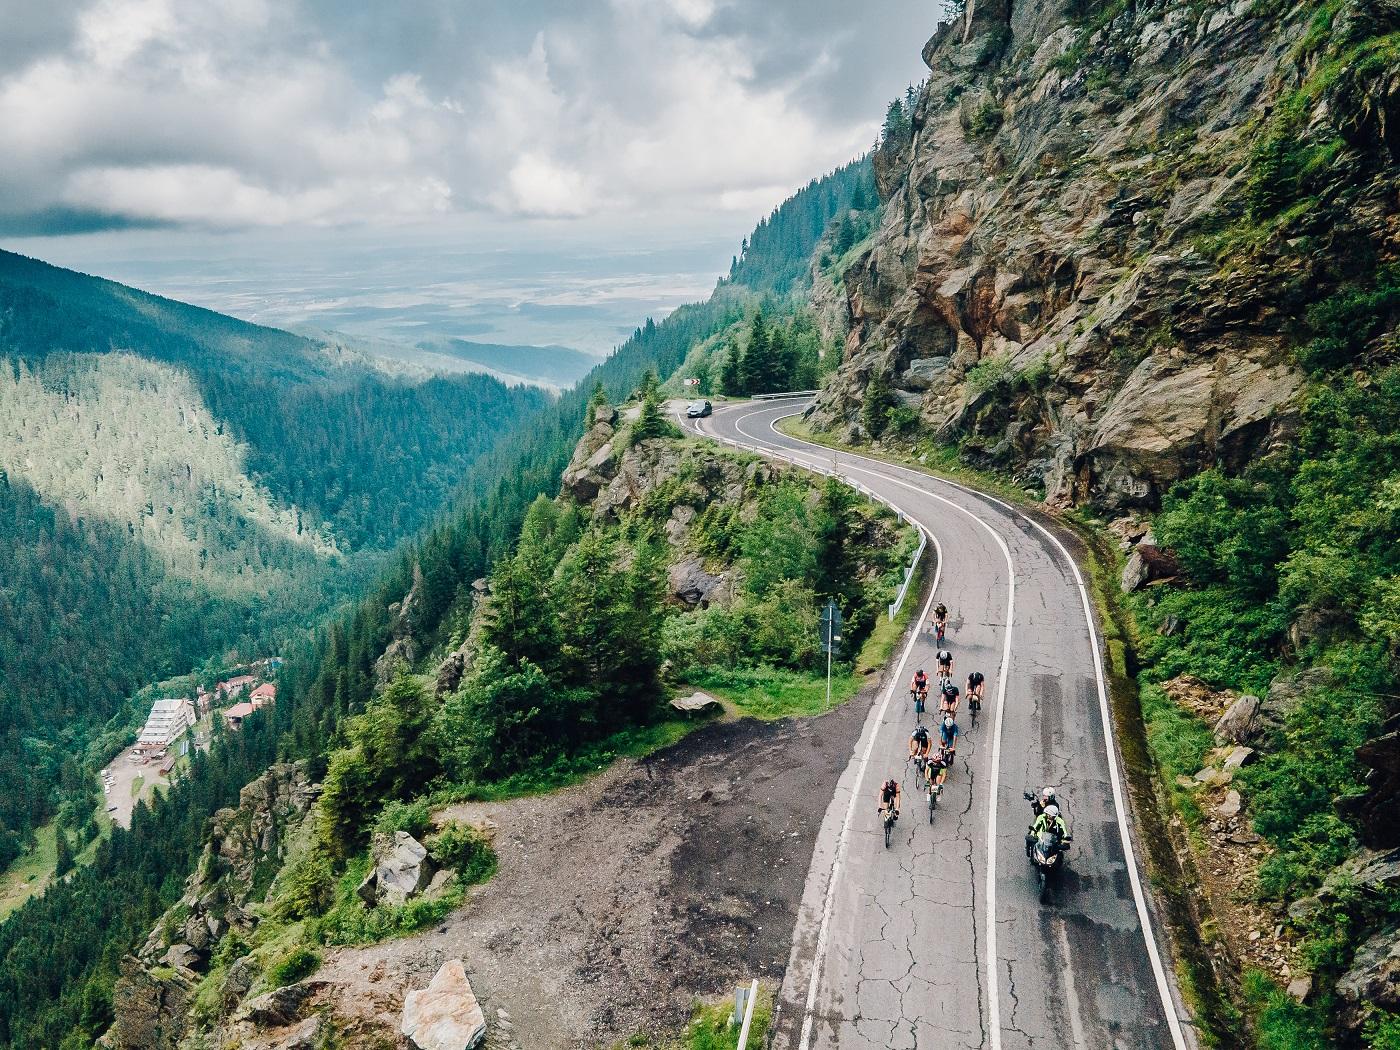 Prima competiție pentru cicliștii amatori. Transfăgărășan Challenge a reunit la start peste 300 de concurenți